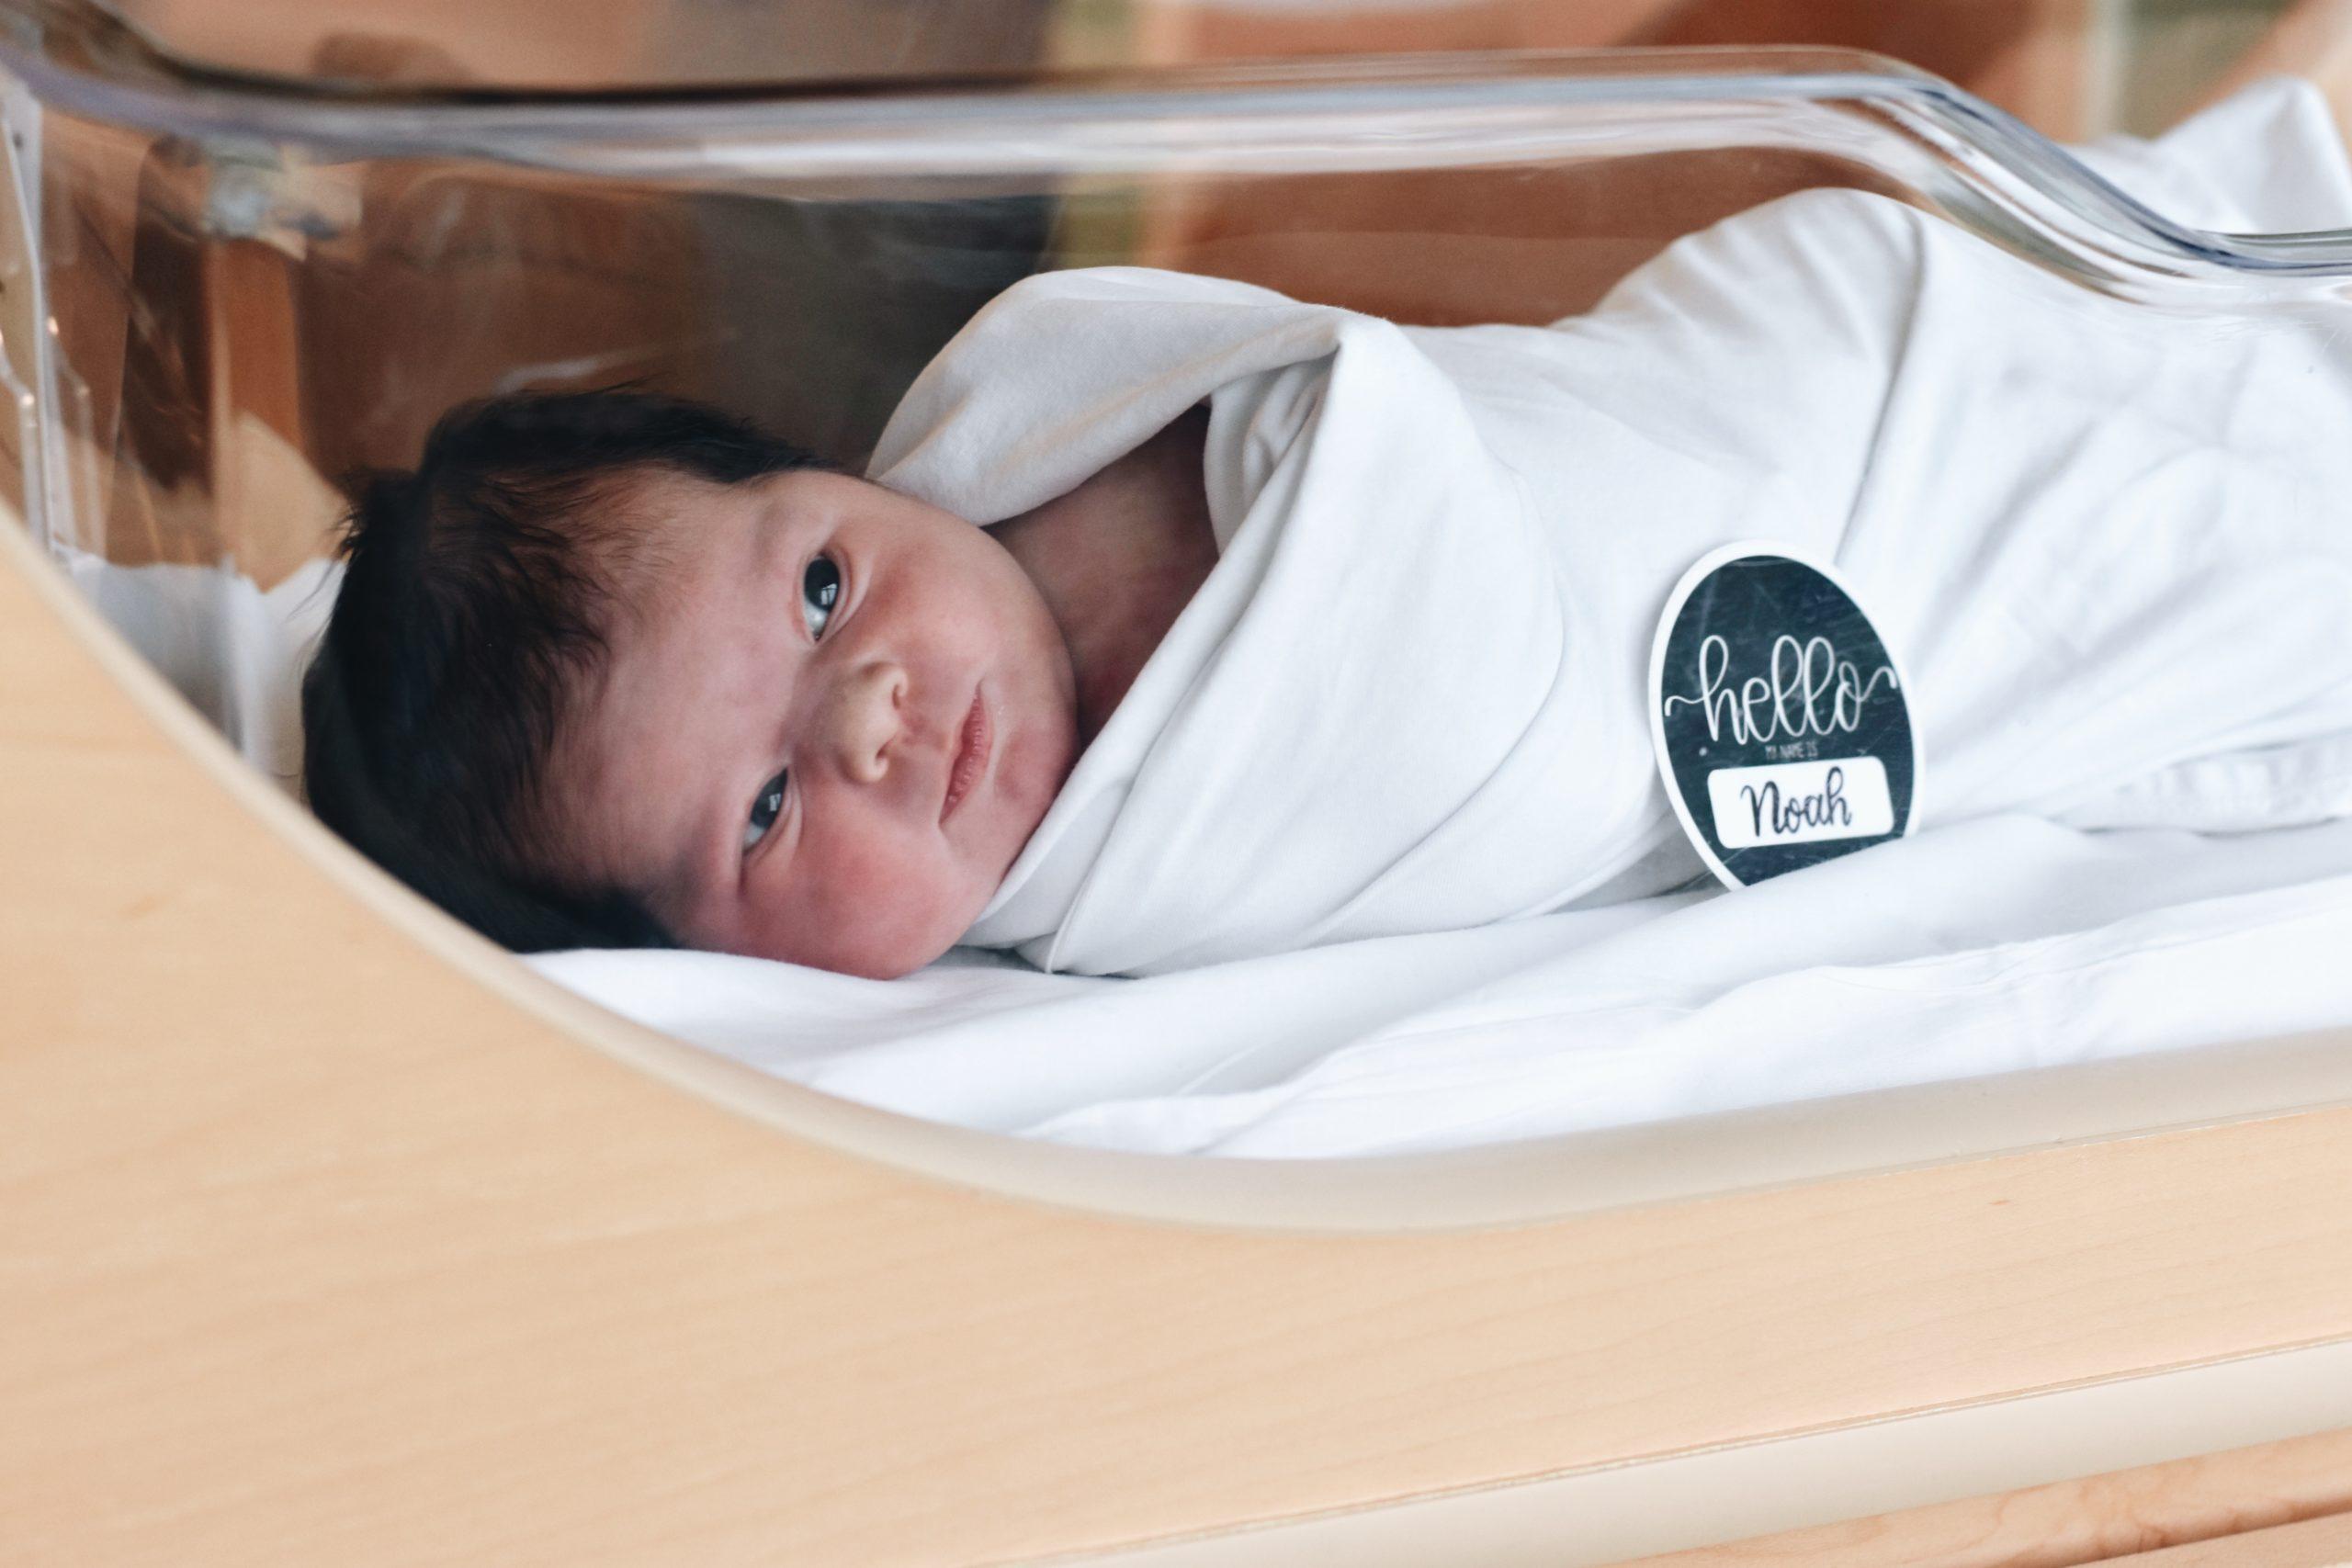 Newborn baby in isolet